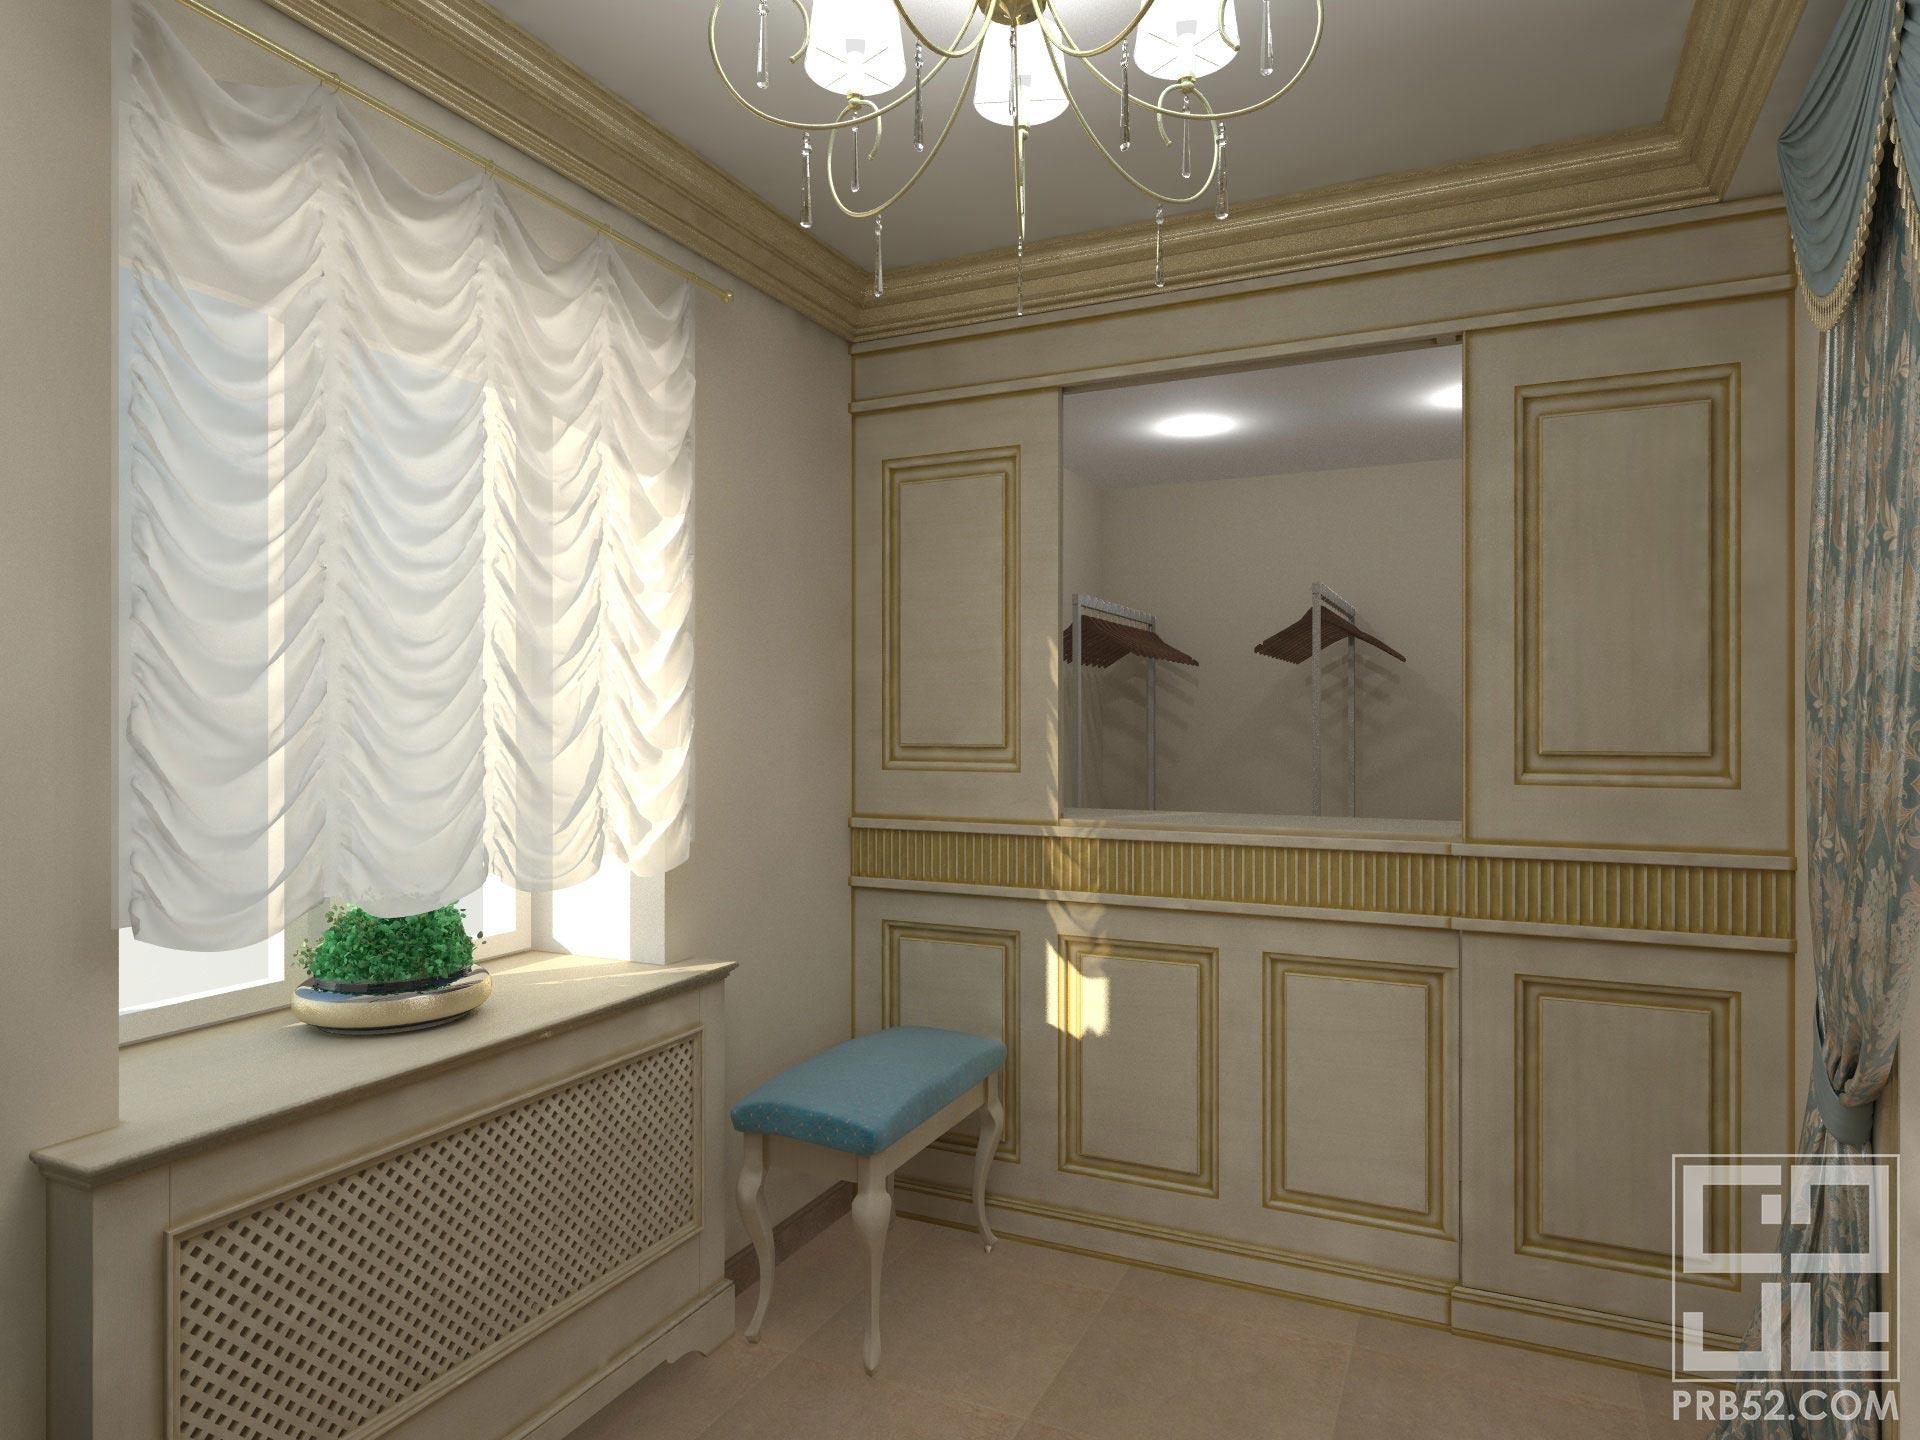 дизайн интерьера кафе гардероб